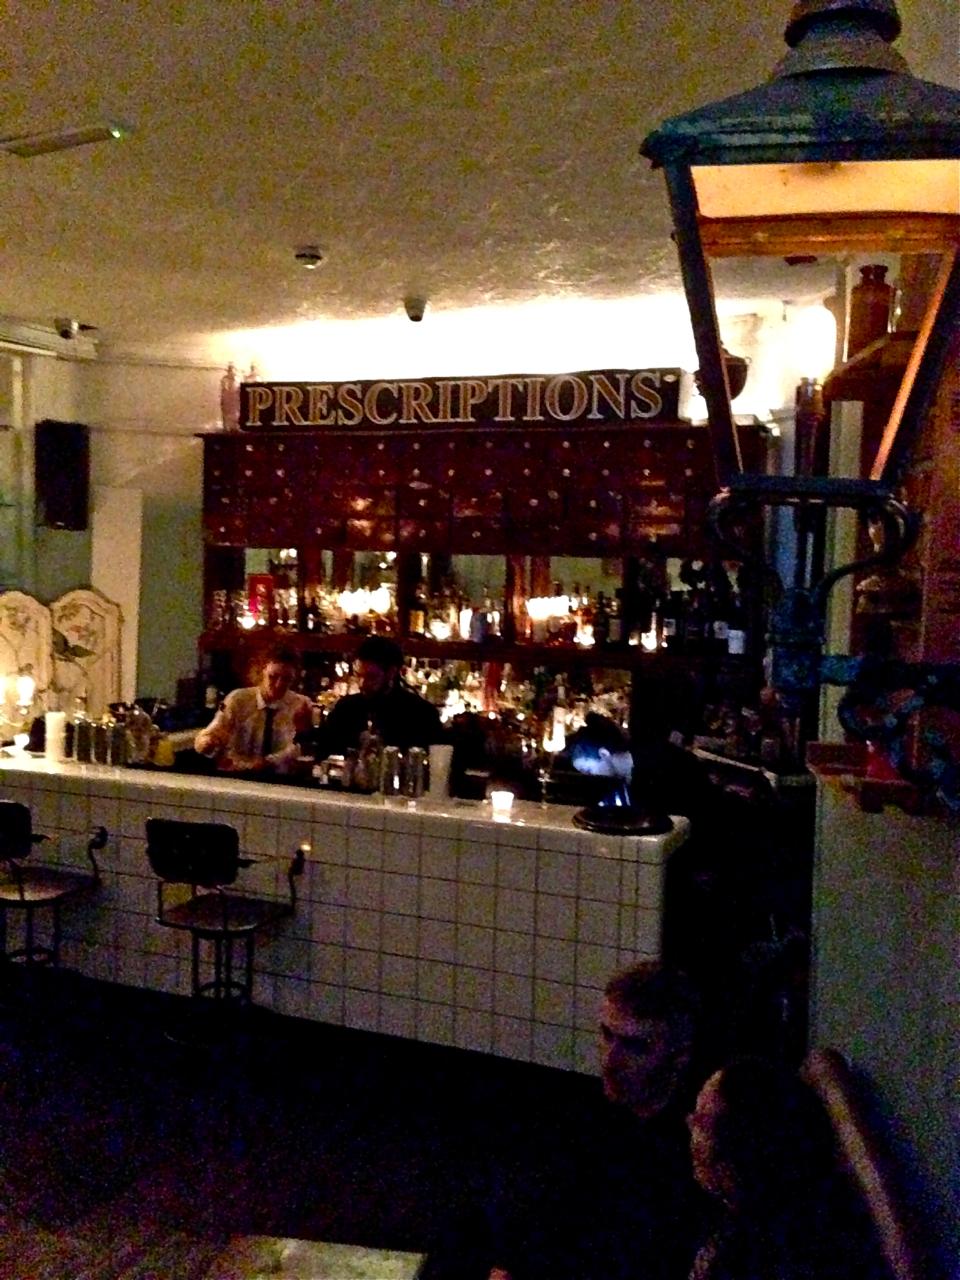 Finalmente chegamos ao bar/laboratório.